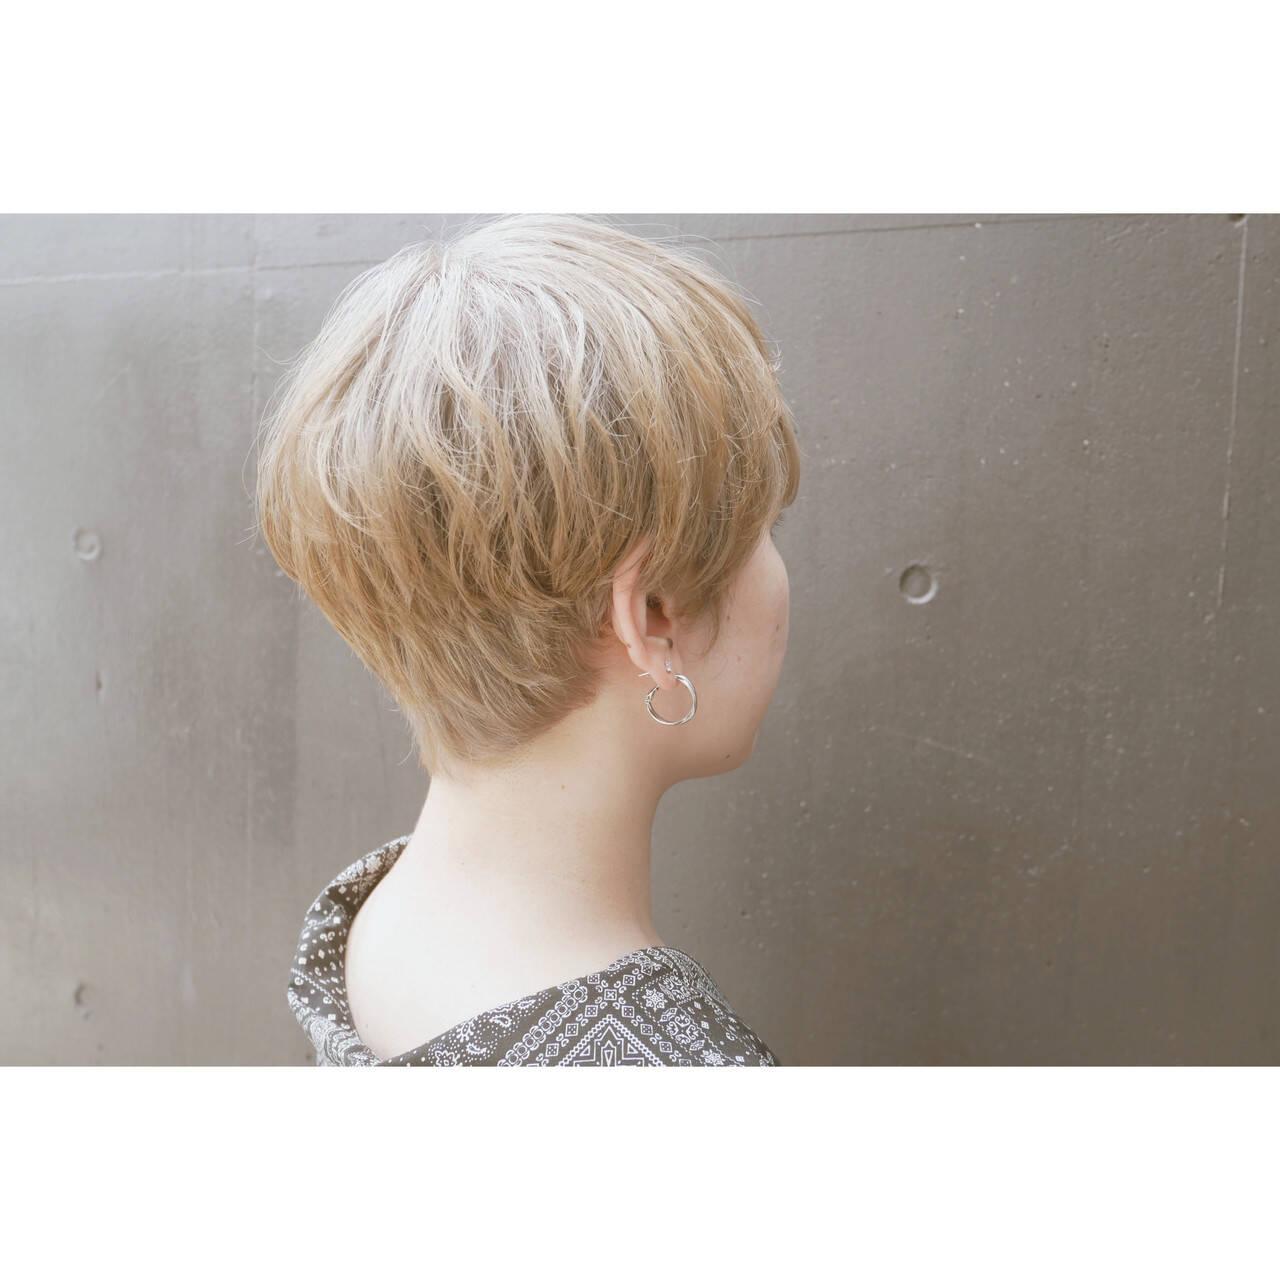 ベリーショート ナチュラル ショート ハイトーンカラーヘアスタイルや髪型の写真・画像